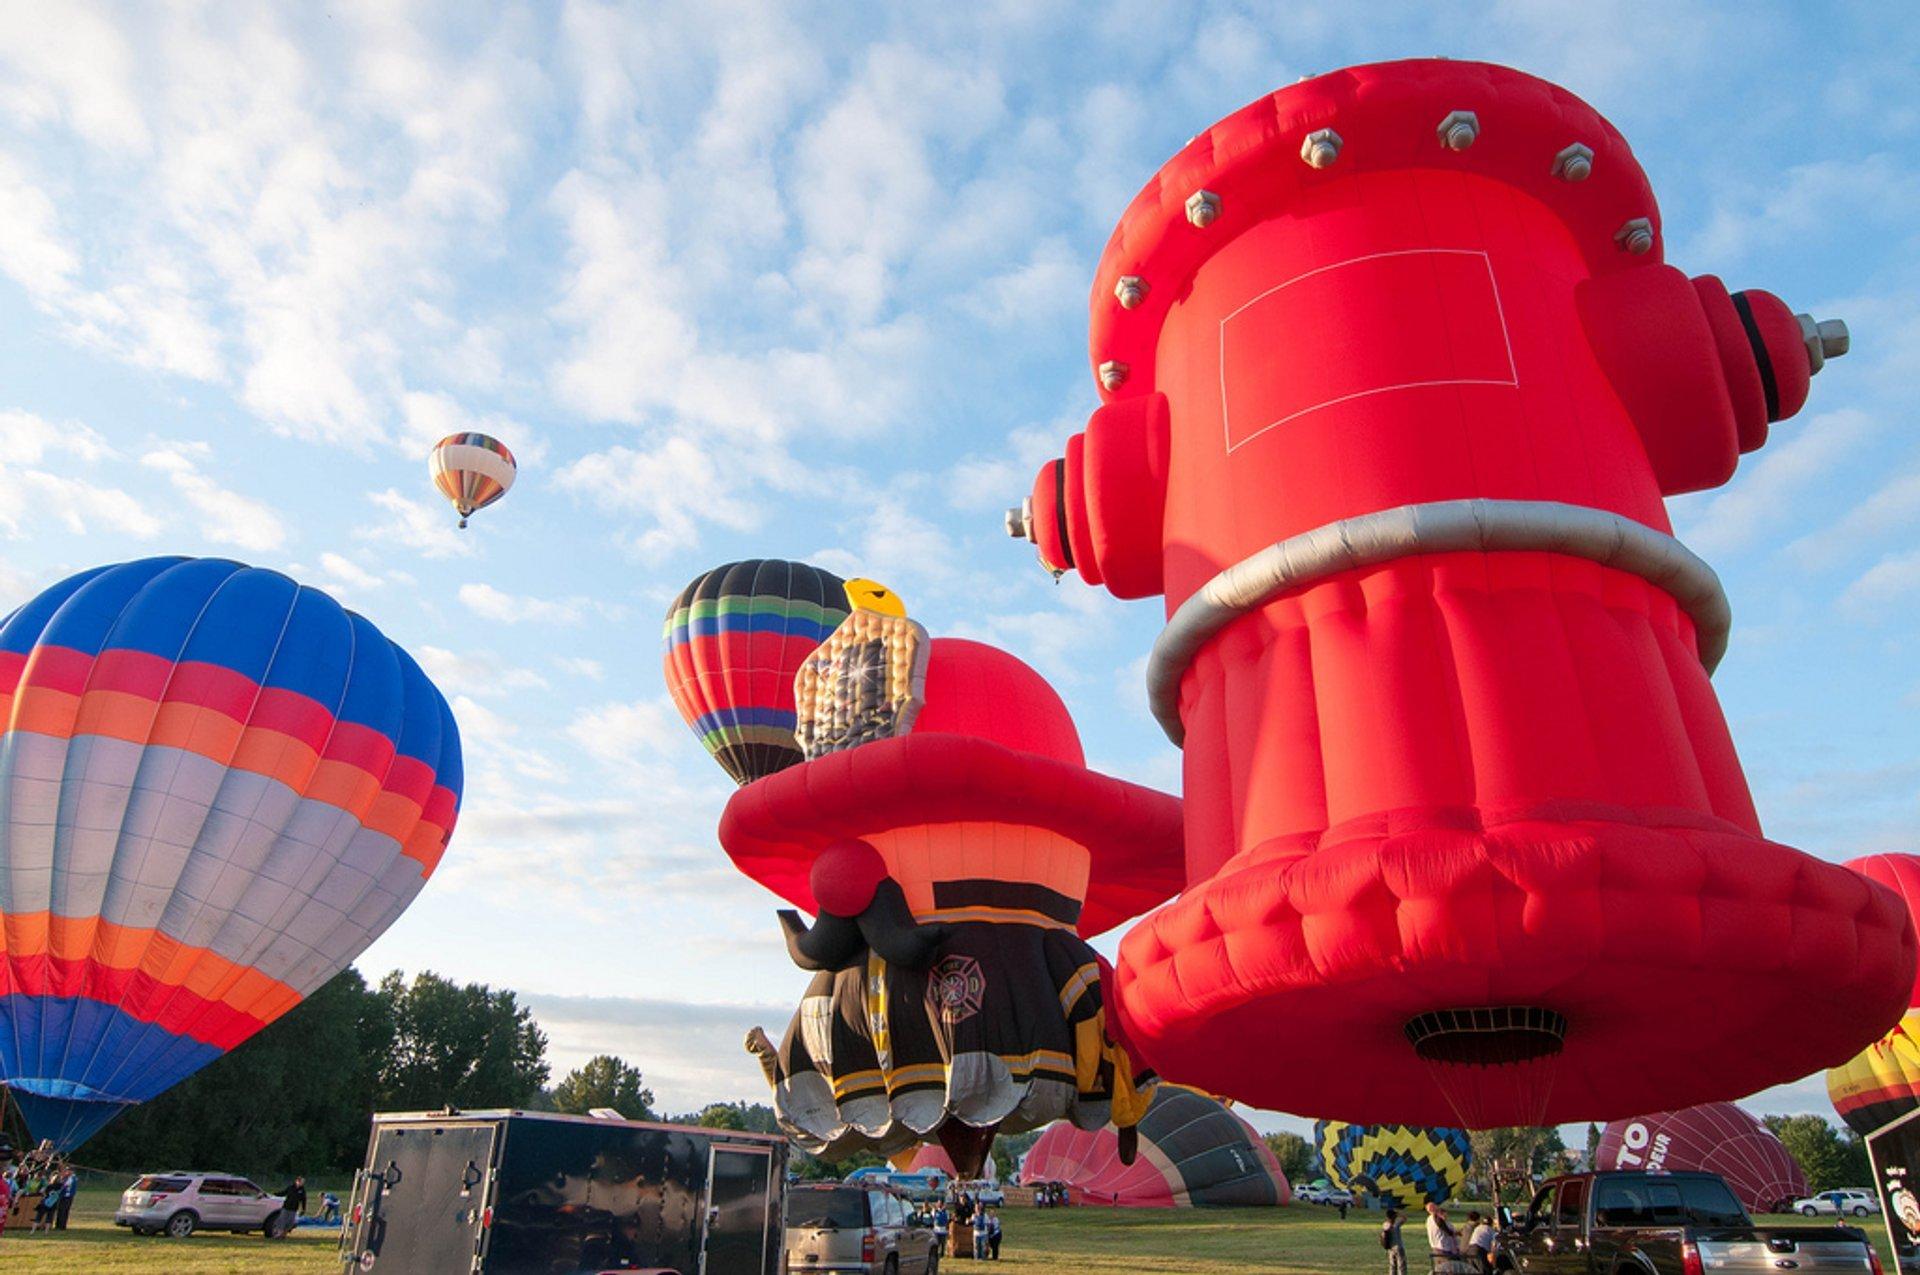 Gatineau Hot Air Balloon Festival in Ottawa - Best Season 2019